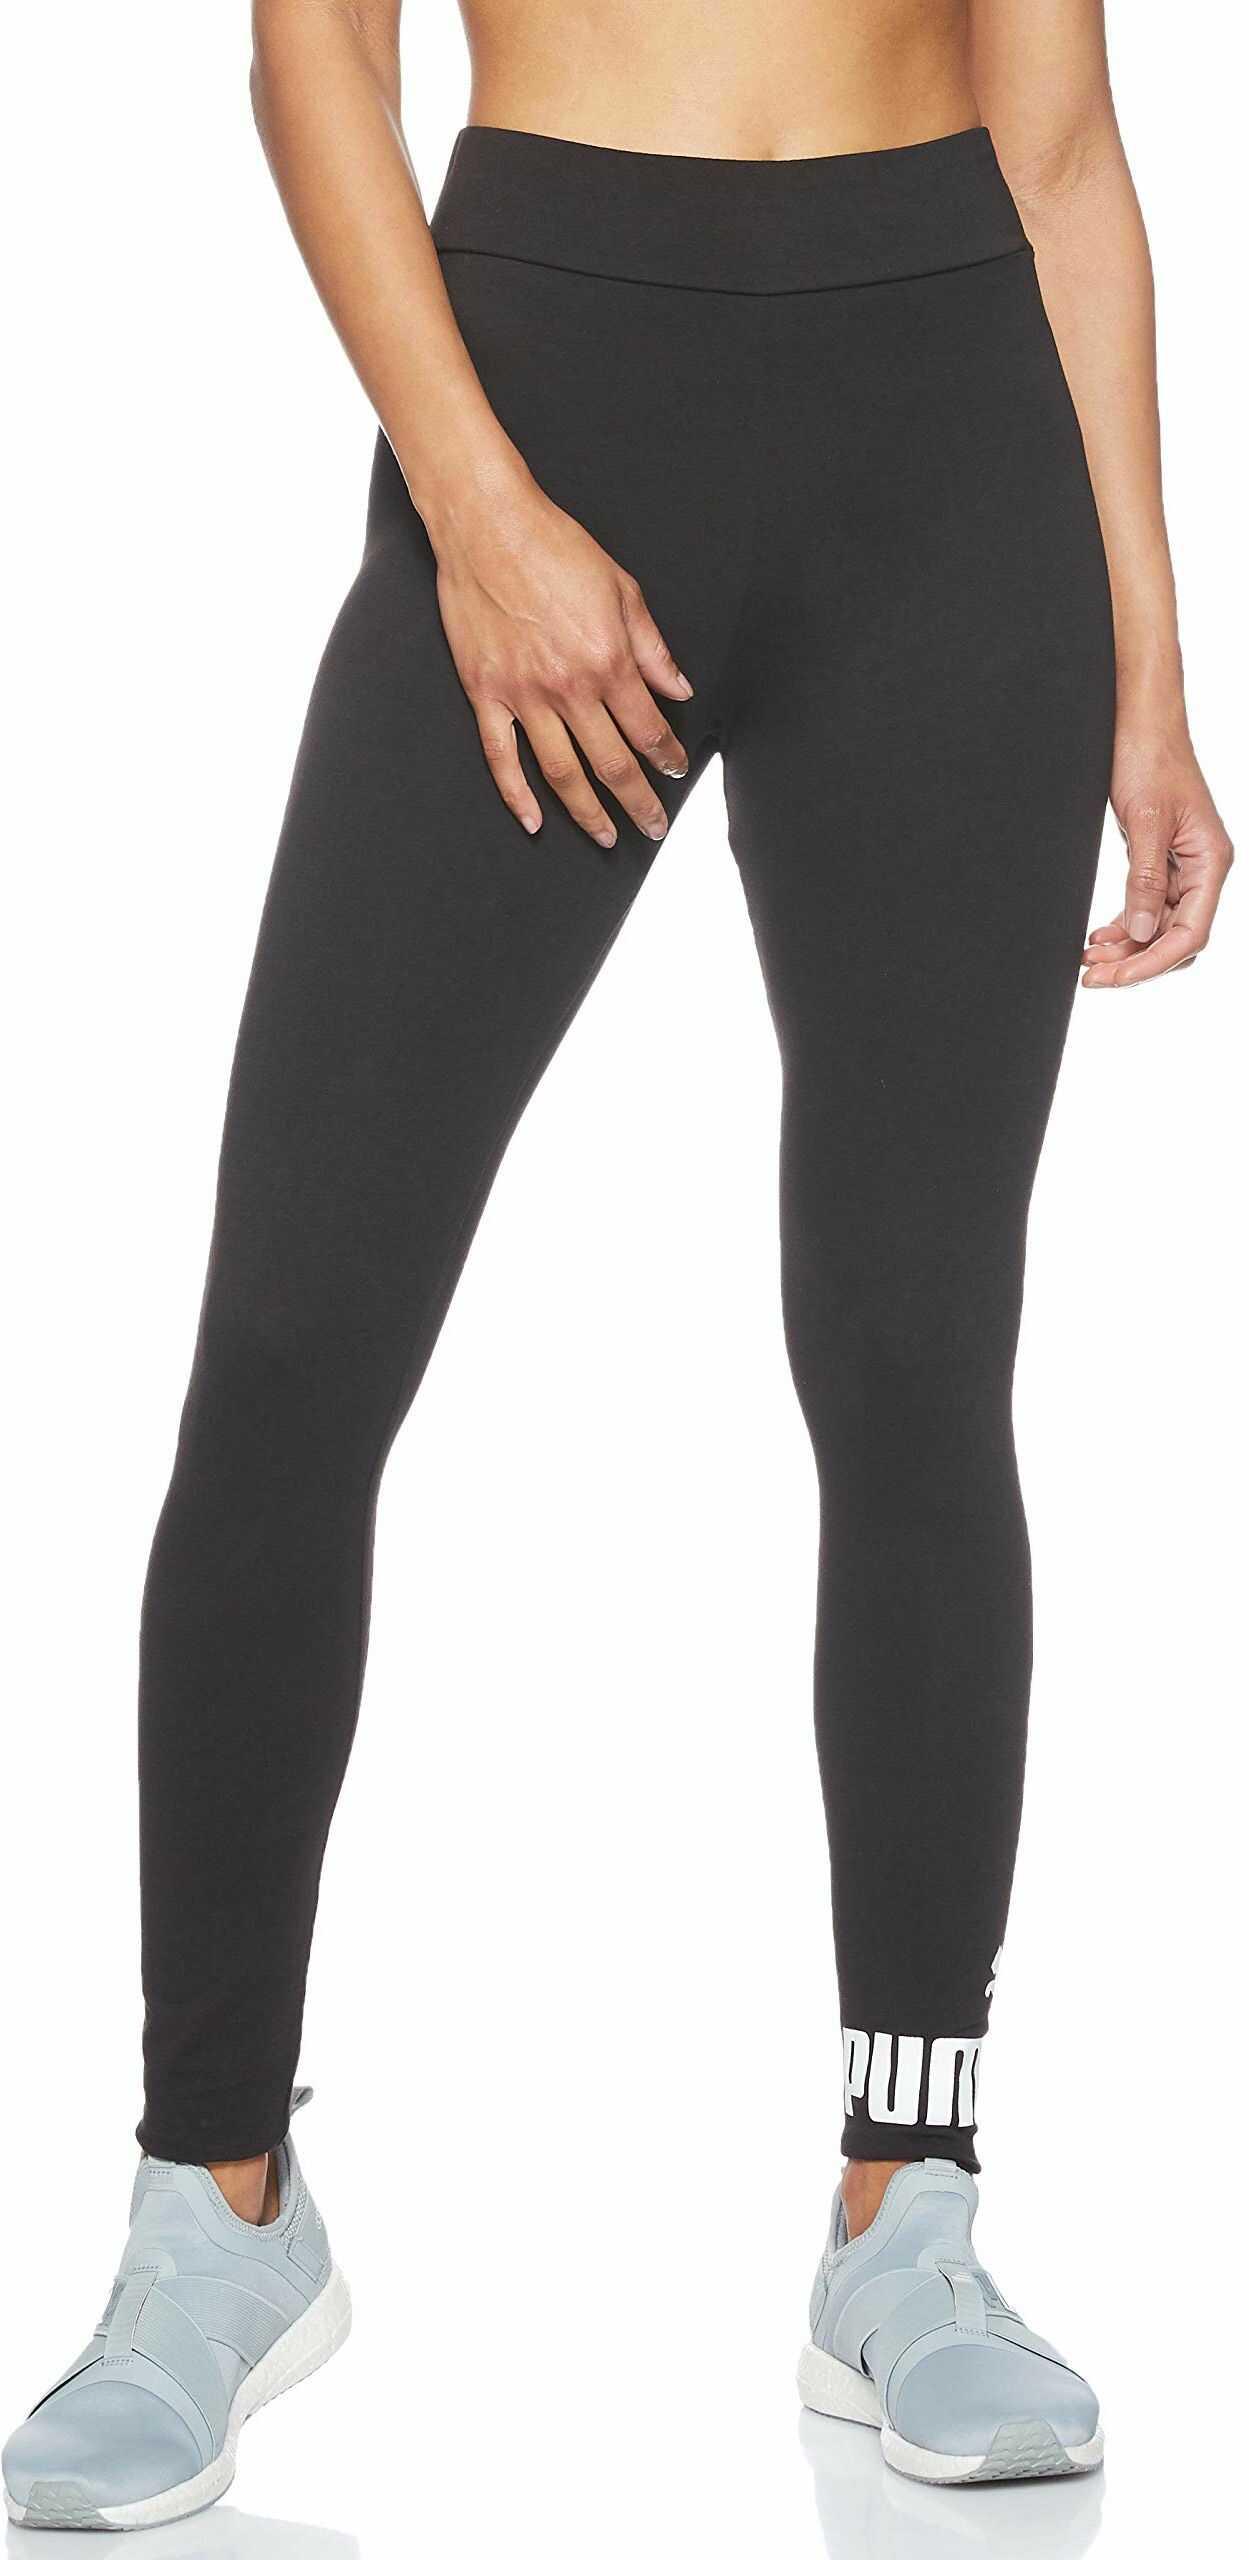 PUMA Damskie legginsy sportowe z logo ESS czarny czarna bawe?na XS